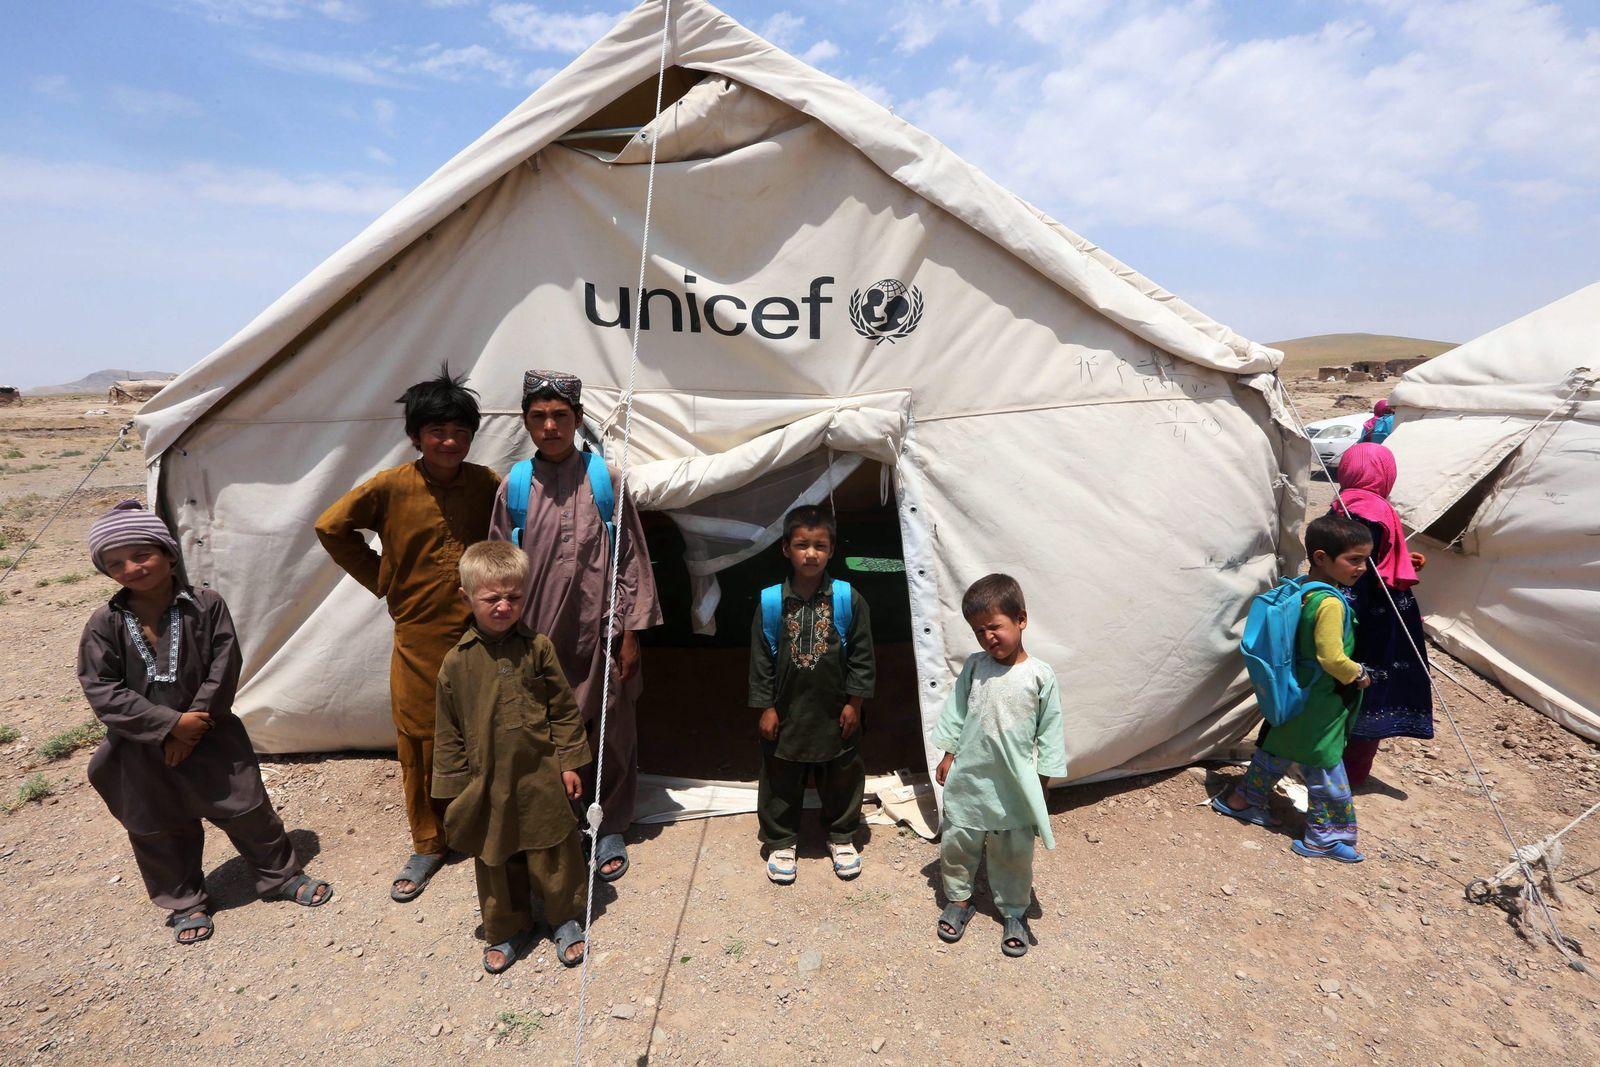 Spenden Organisationen / Unicef